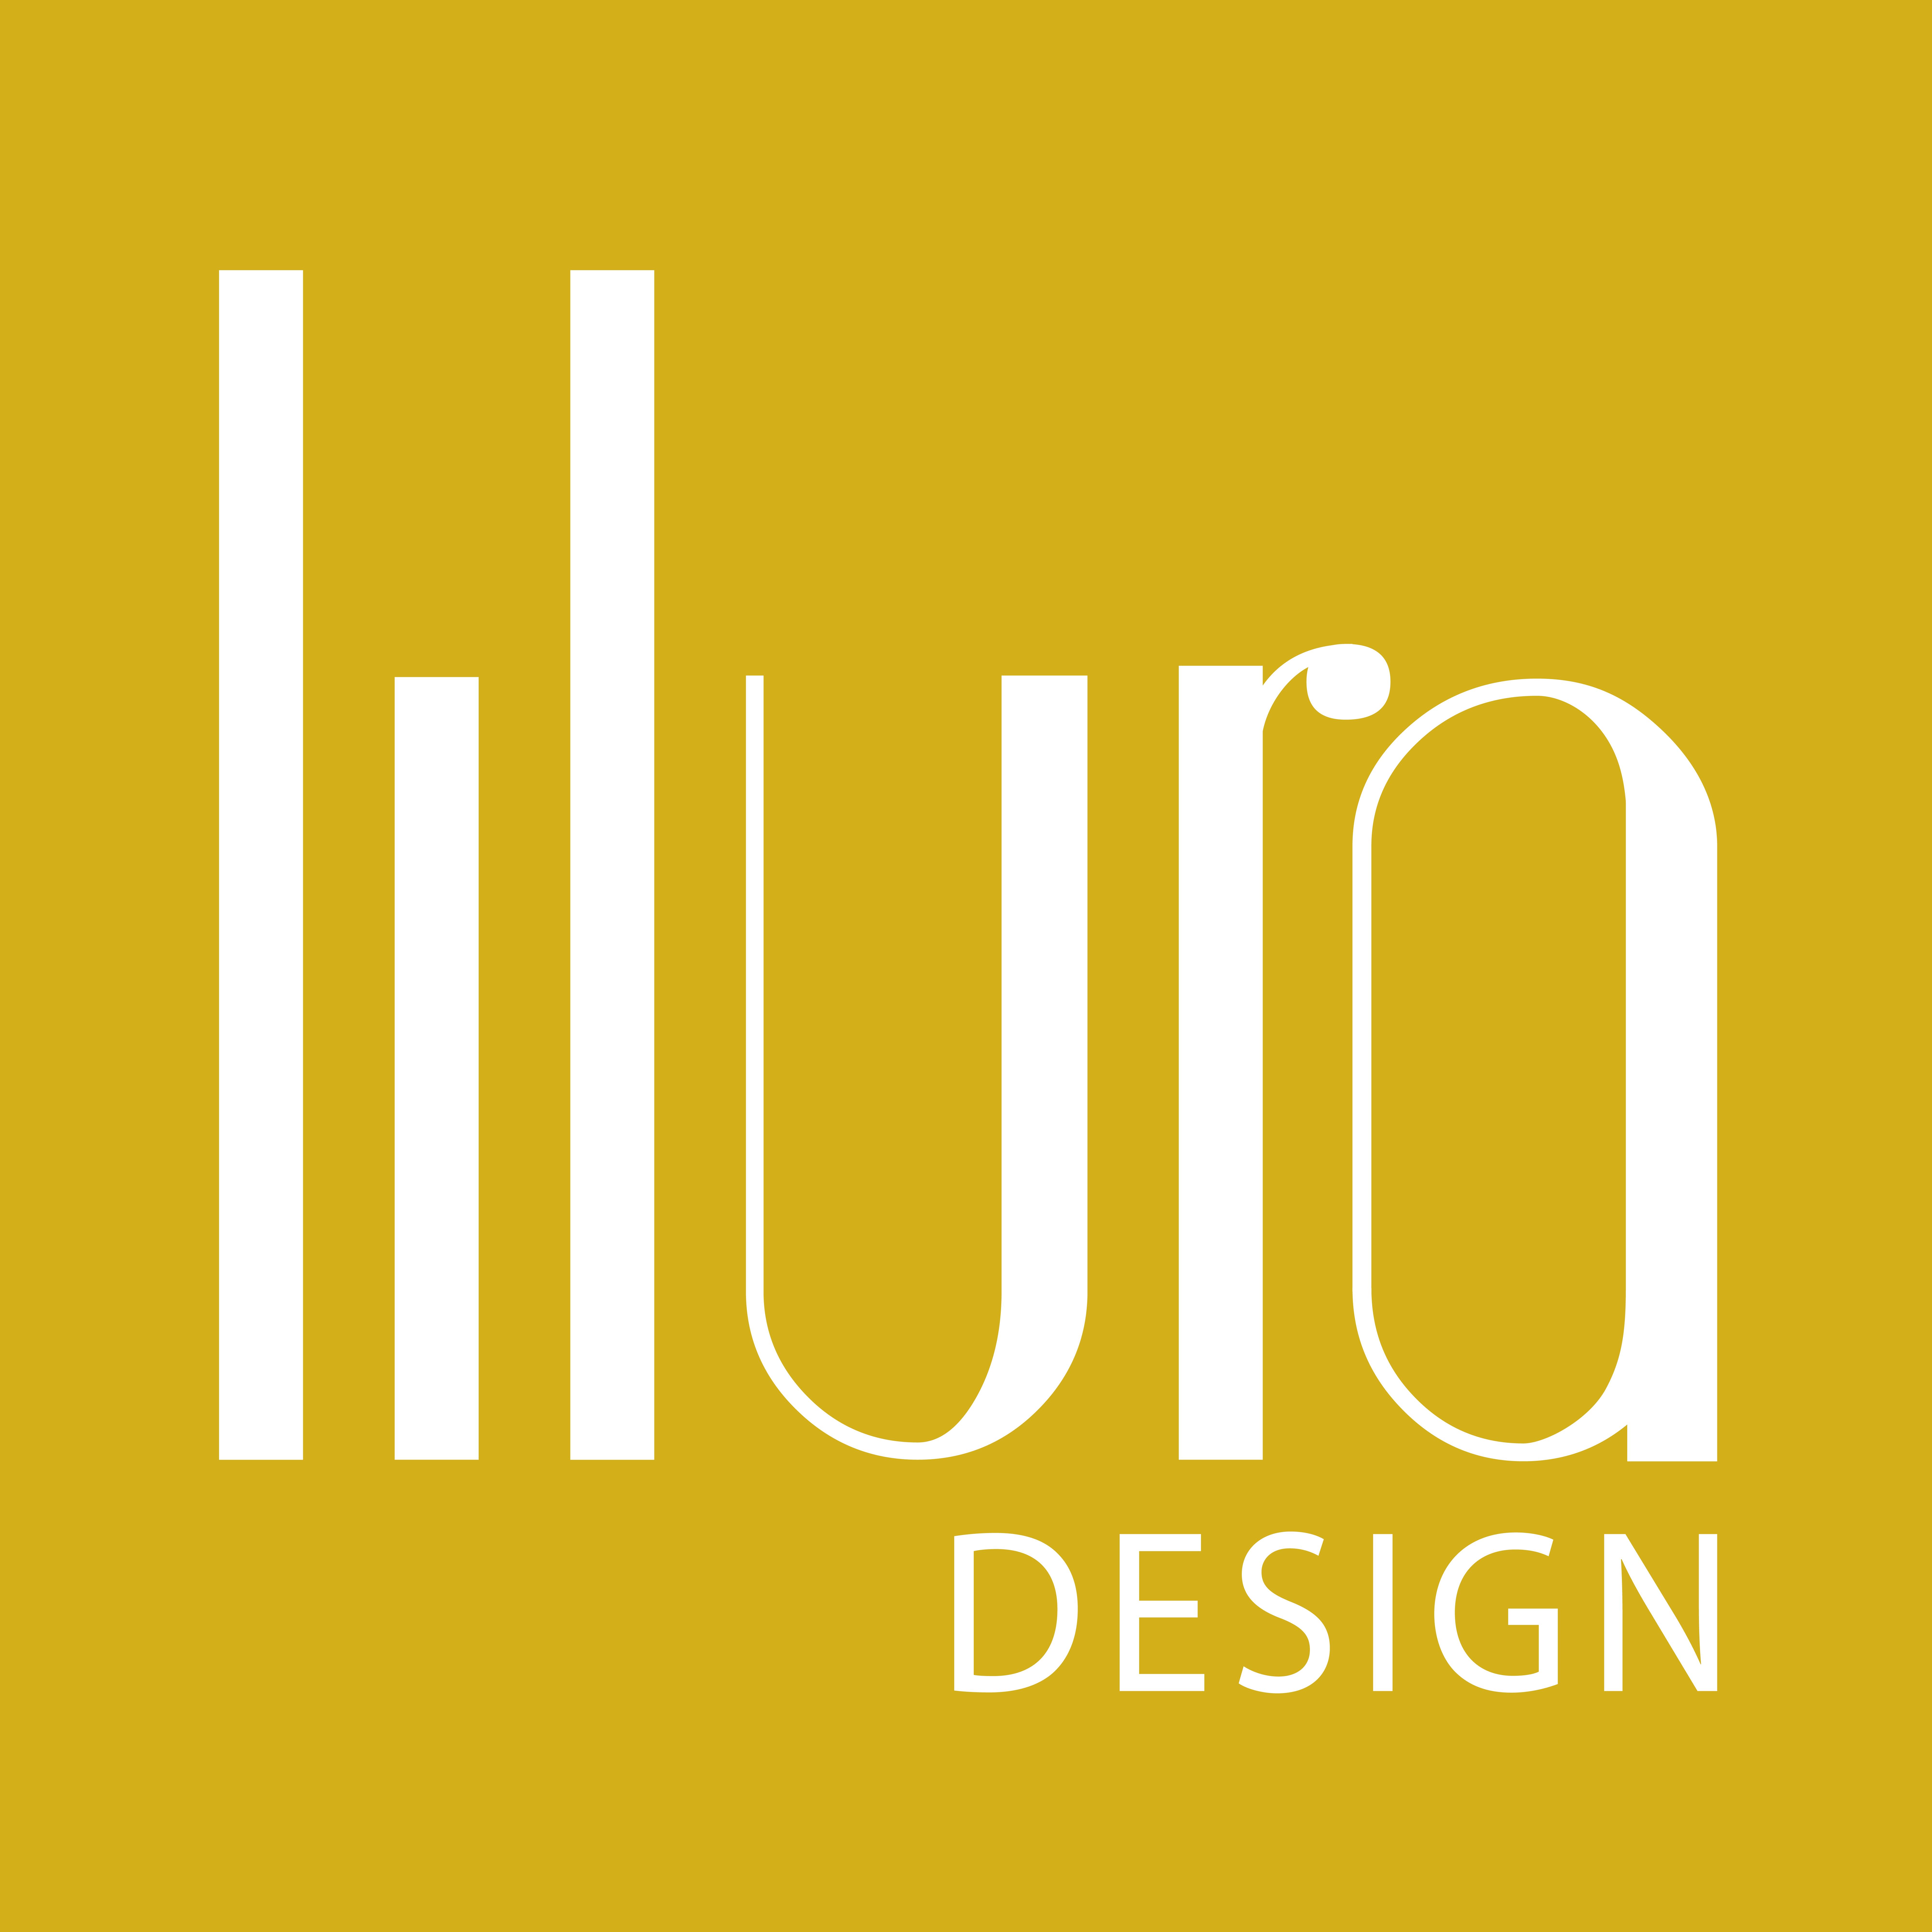 logotipo Lilura Design